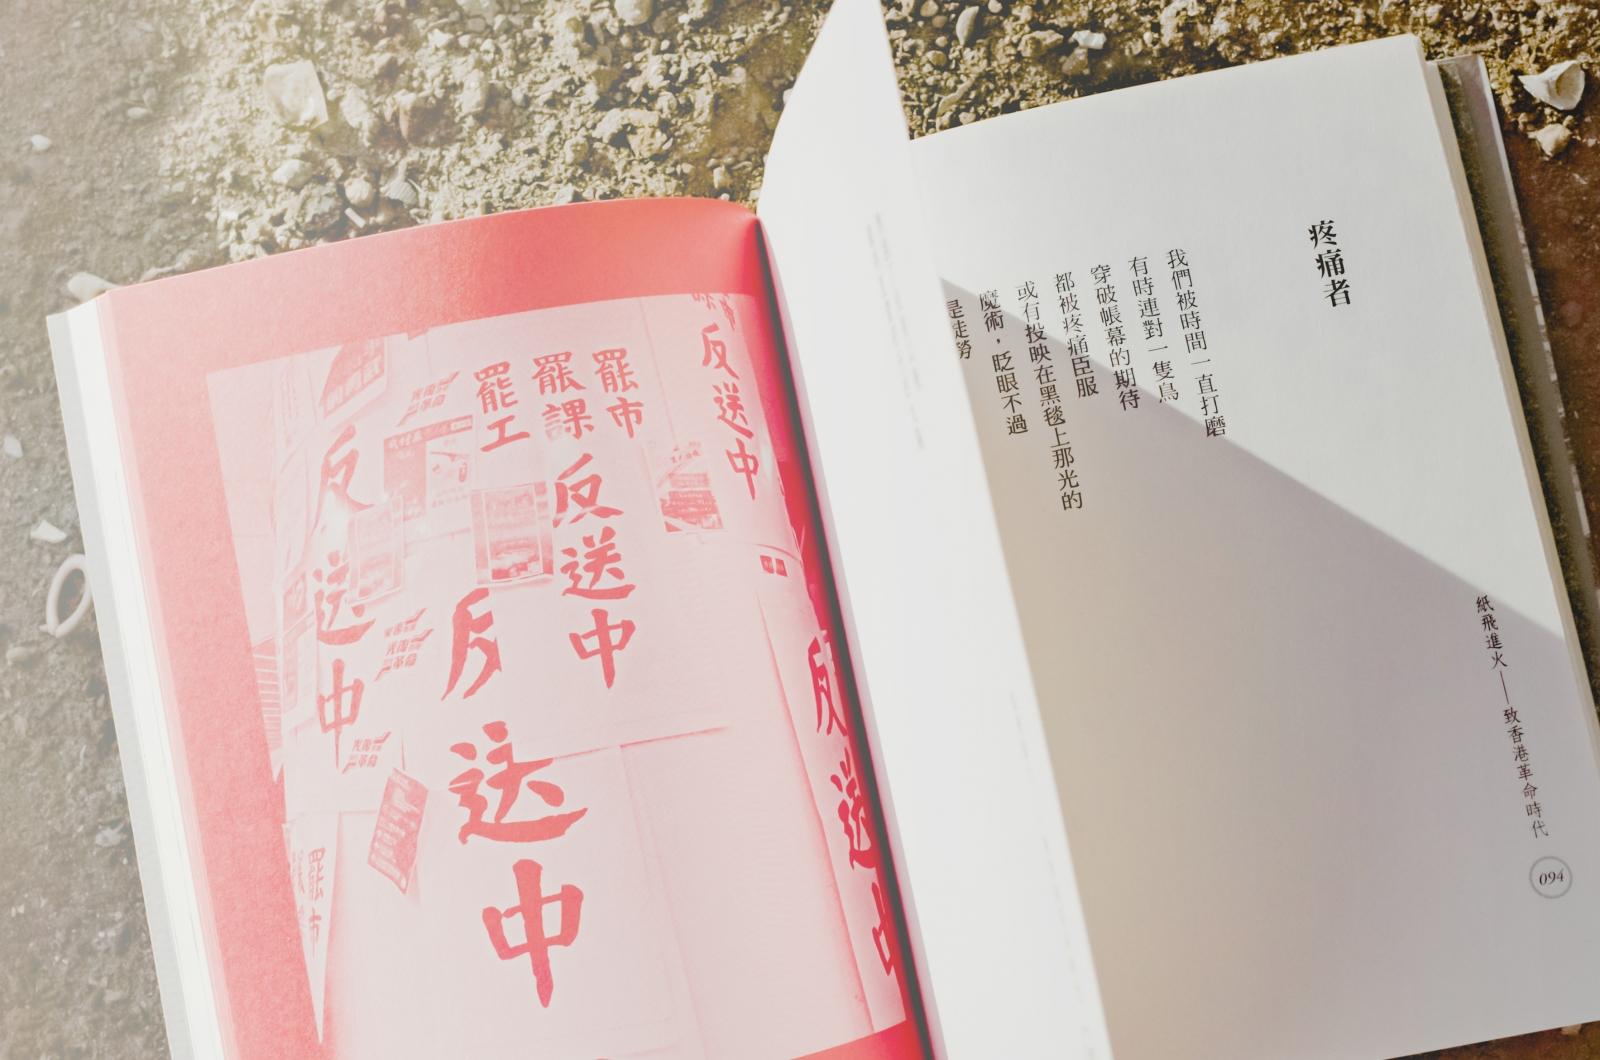 香港 紙飛進火 反送中